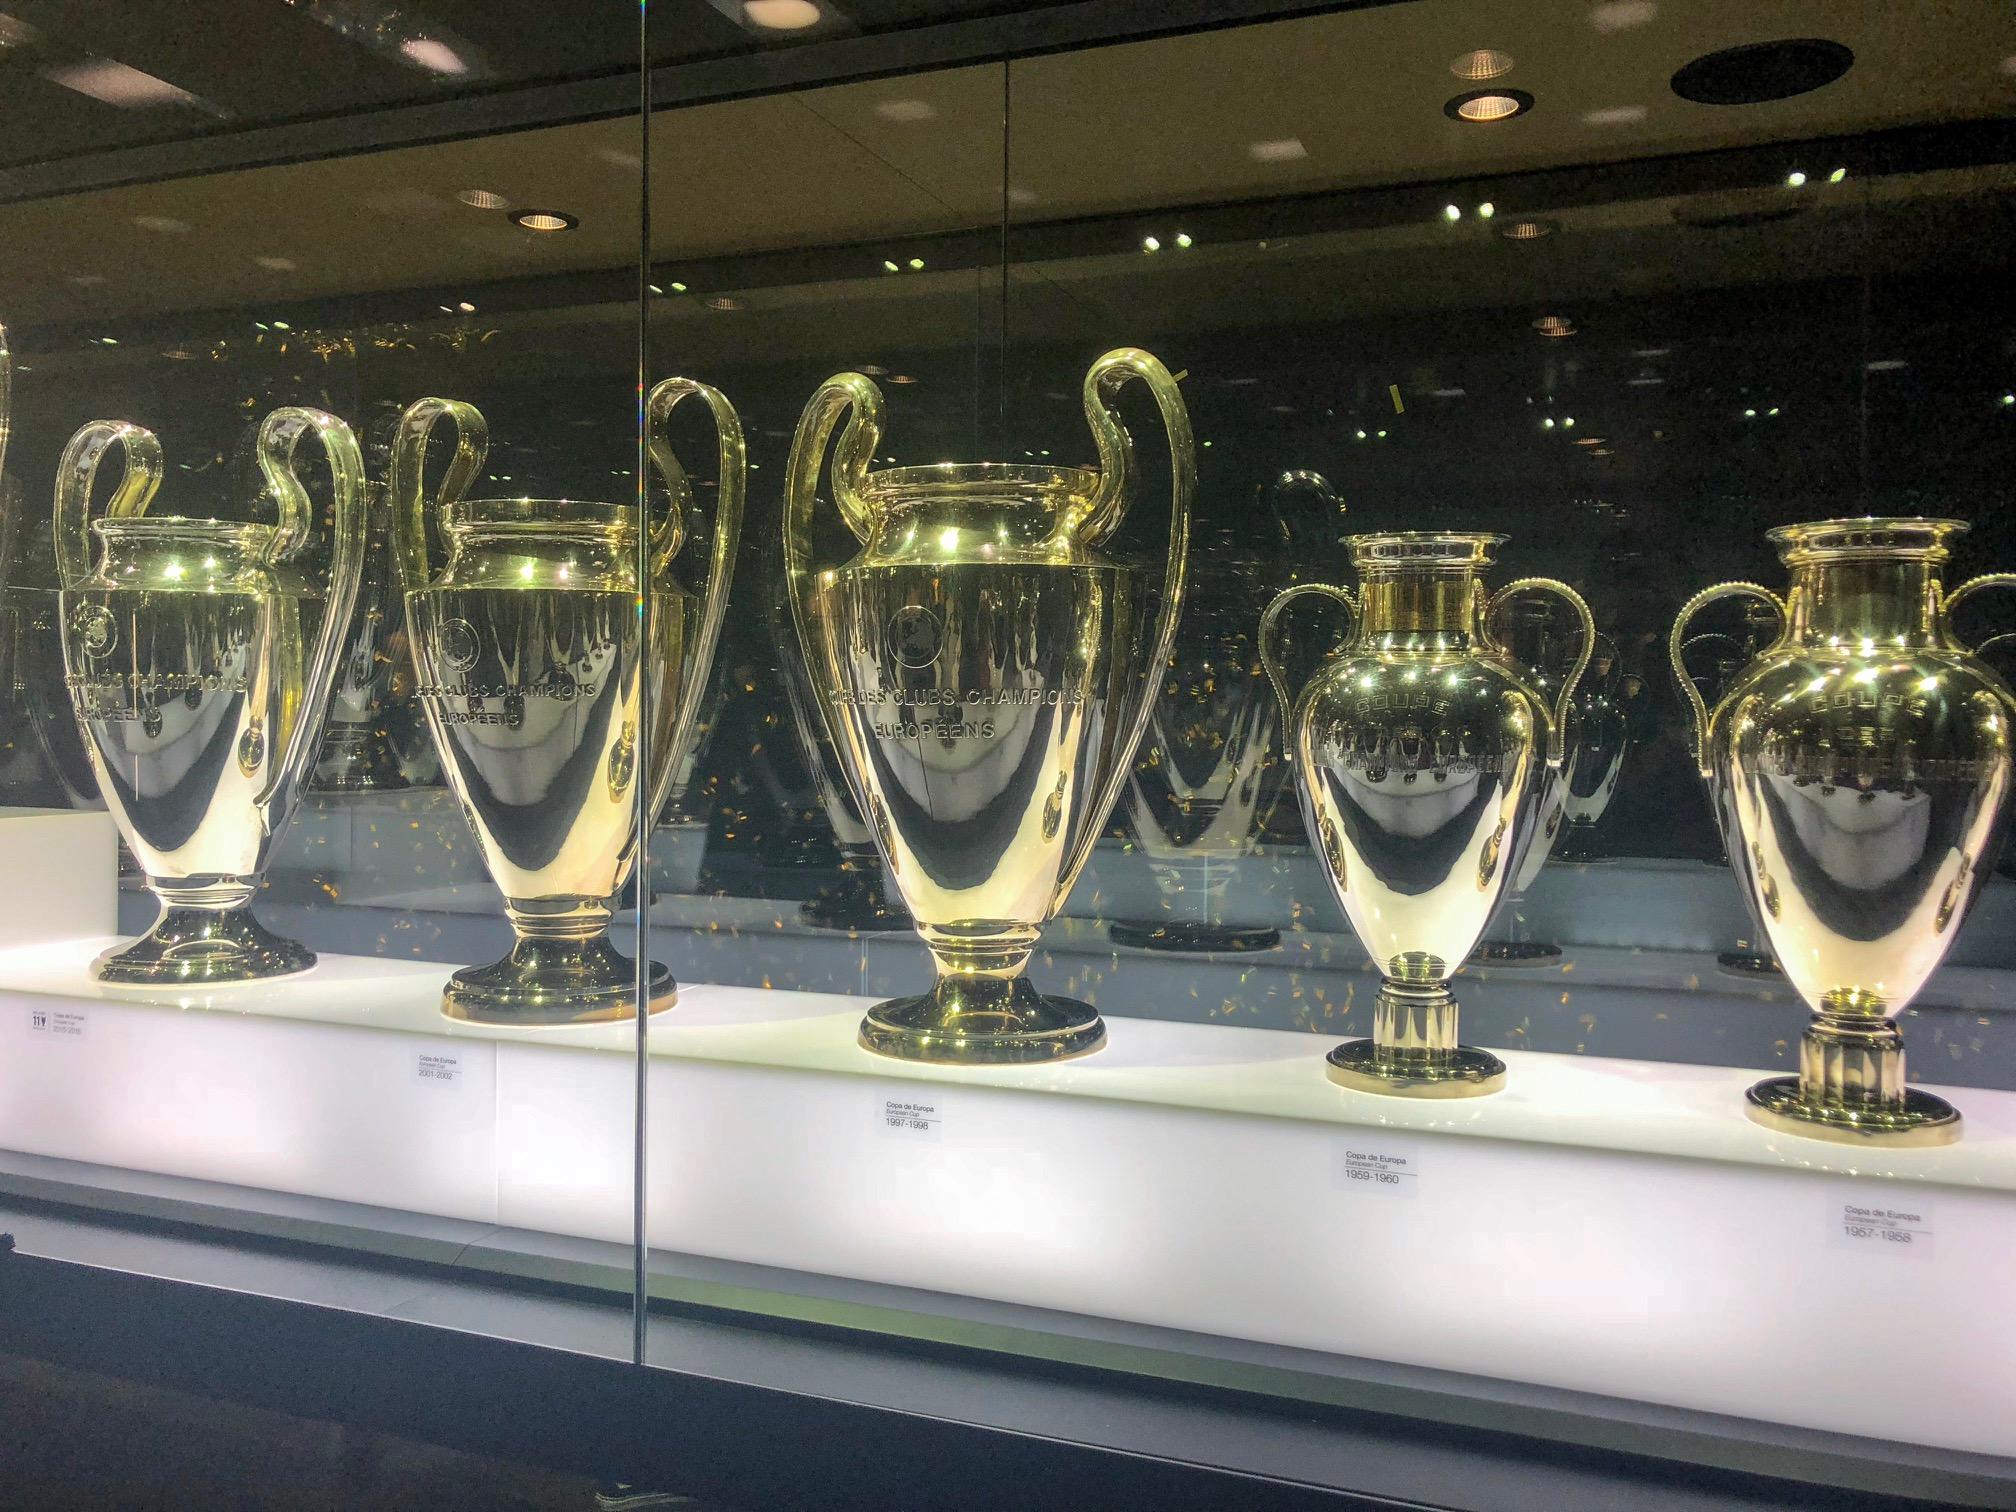 Santiago Bernabeu Stadium - Madrid Spain - Real Madrid